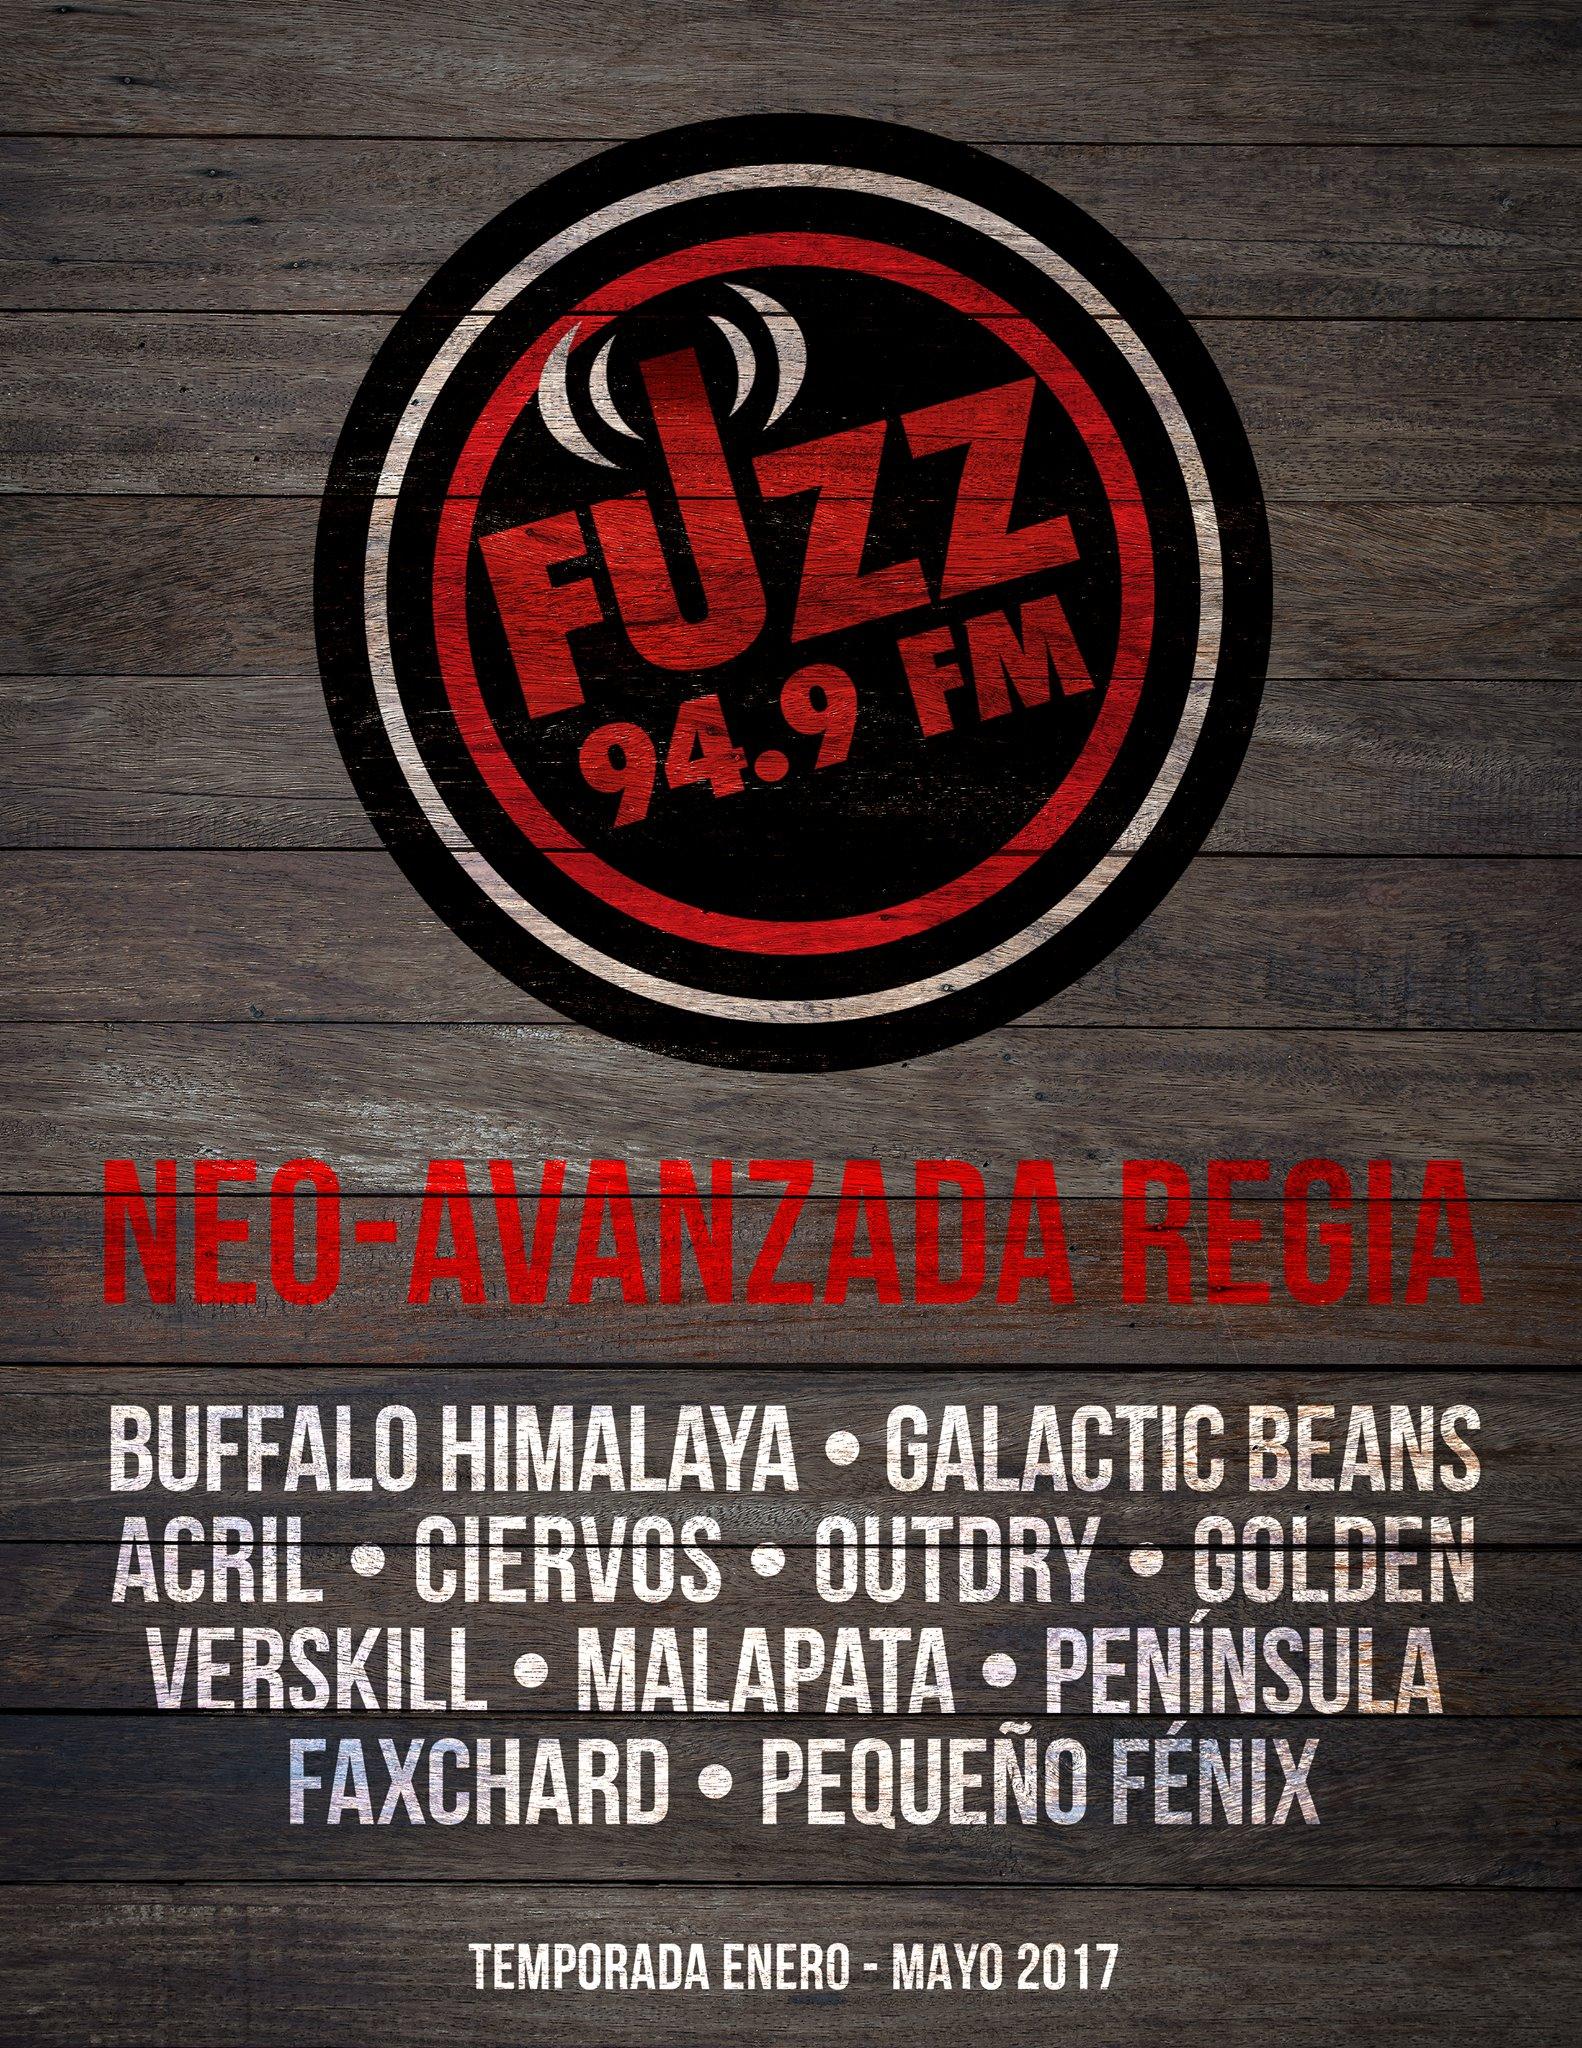 FUZZ Radio 94.9 FM